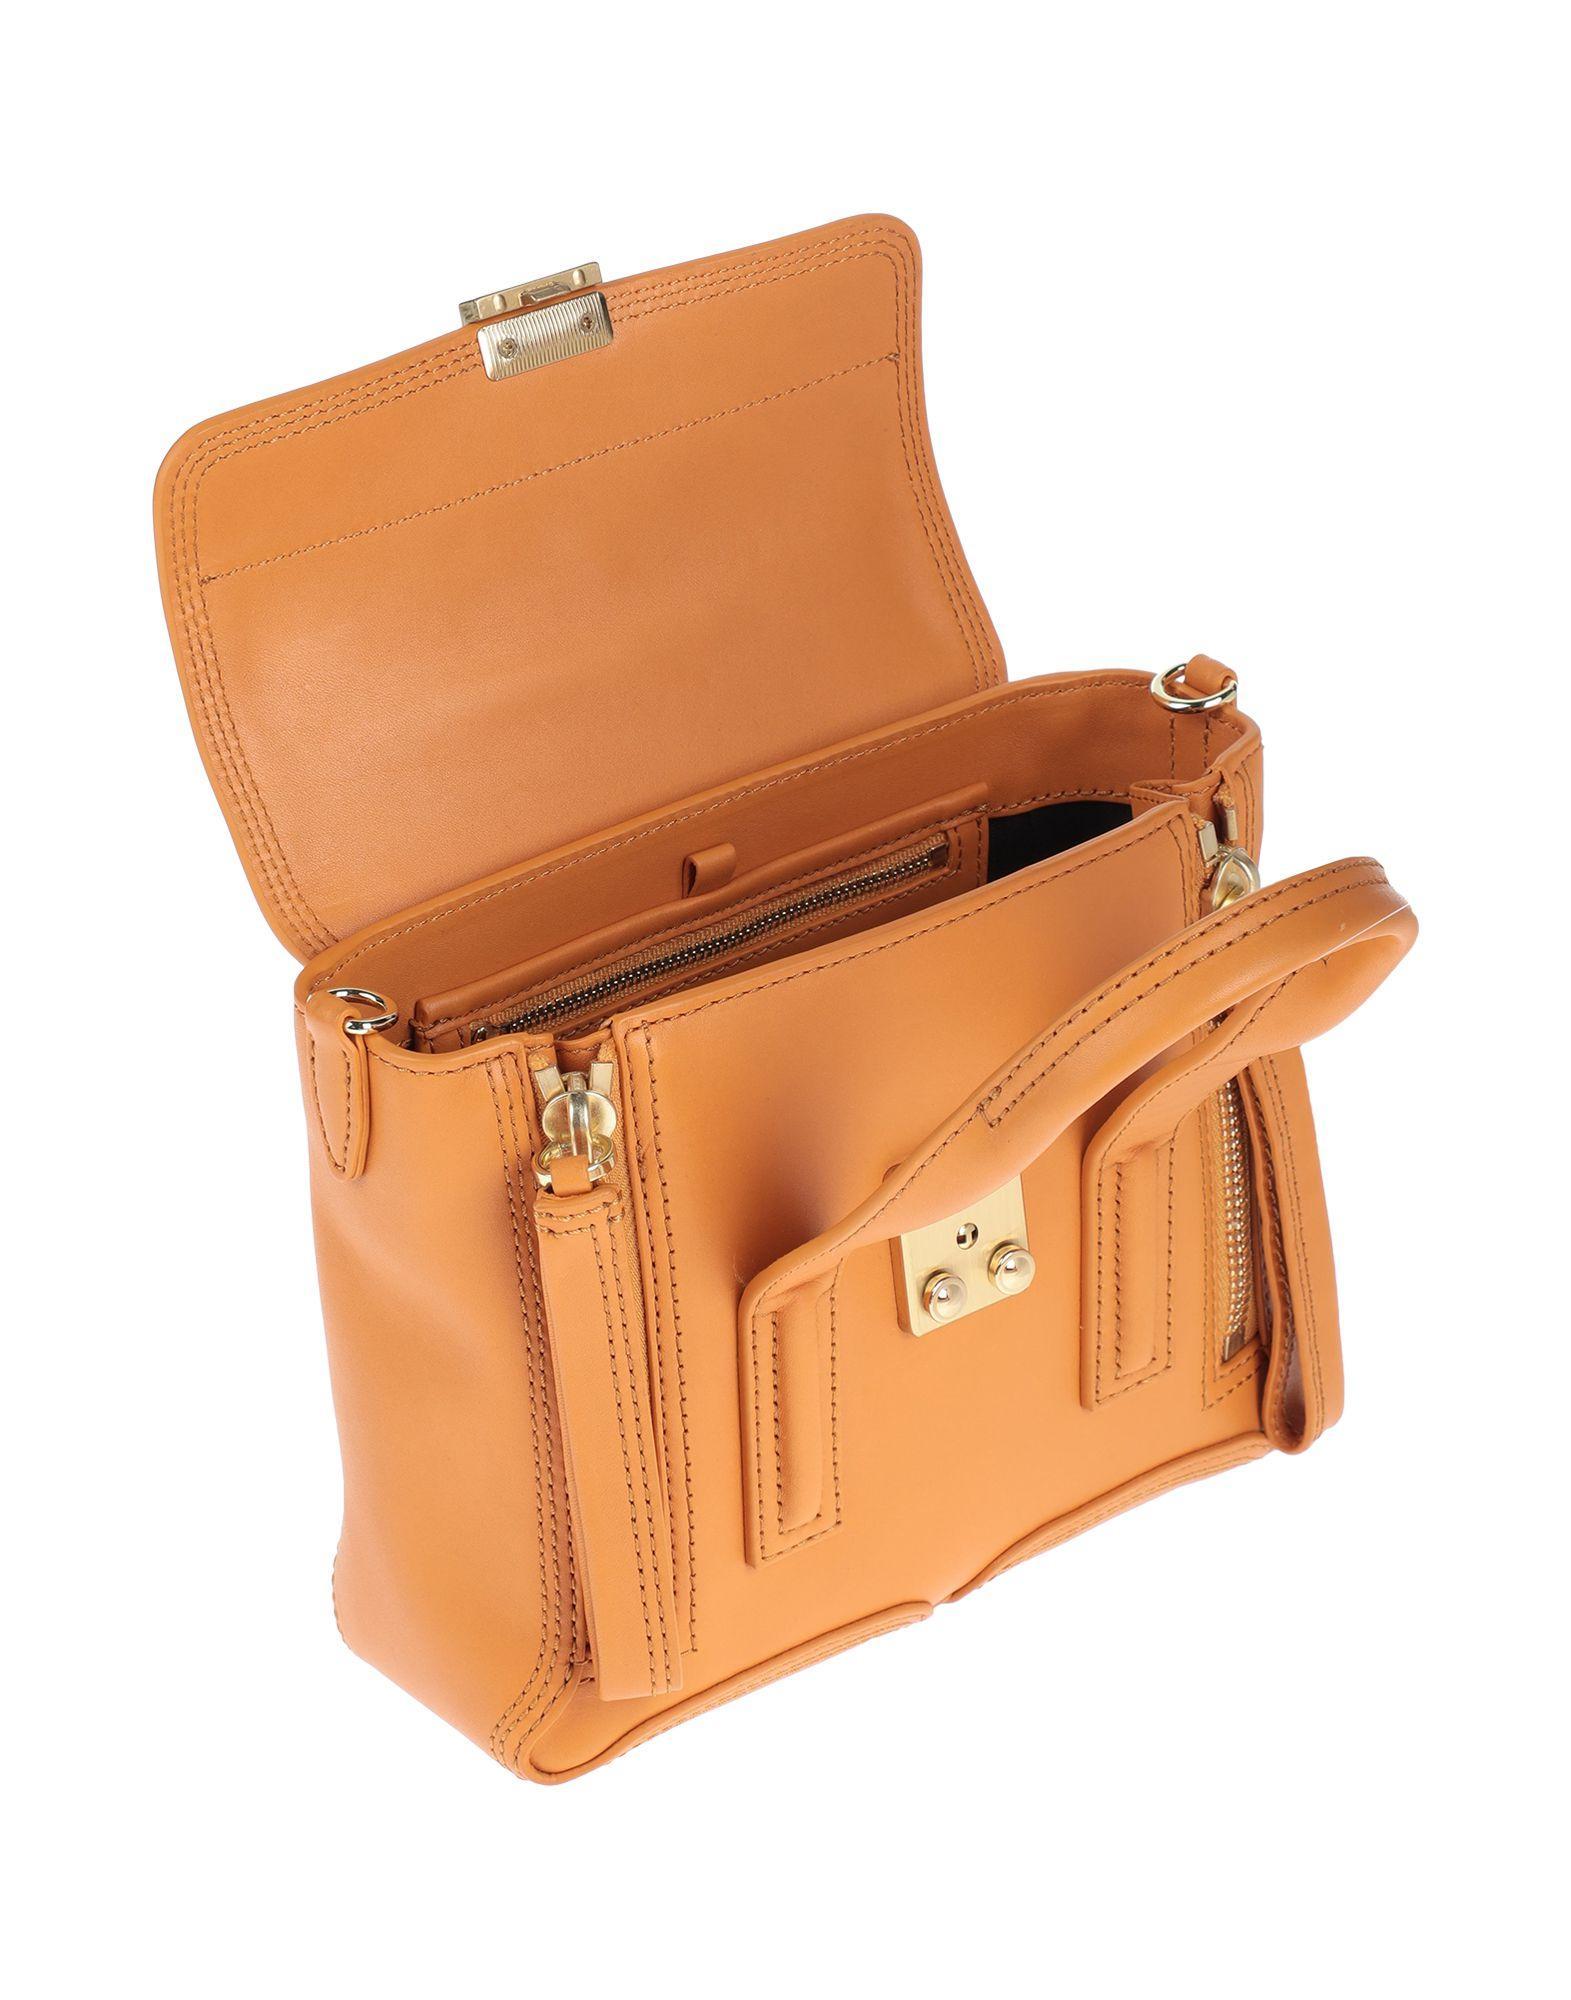 3.1 Phillip Lim Leder Handtaschen in Orange 4bpOA